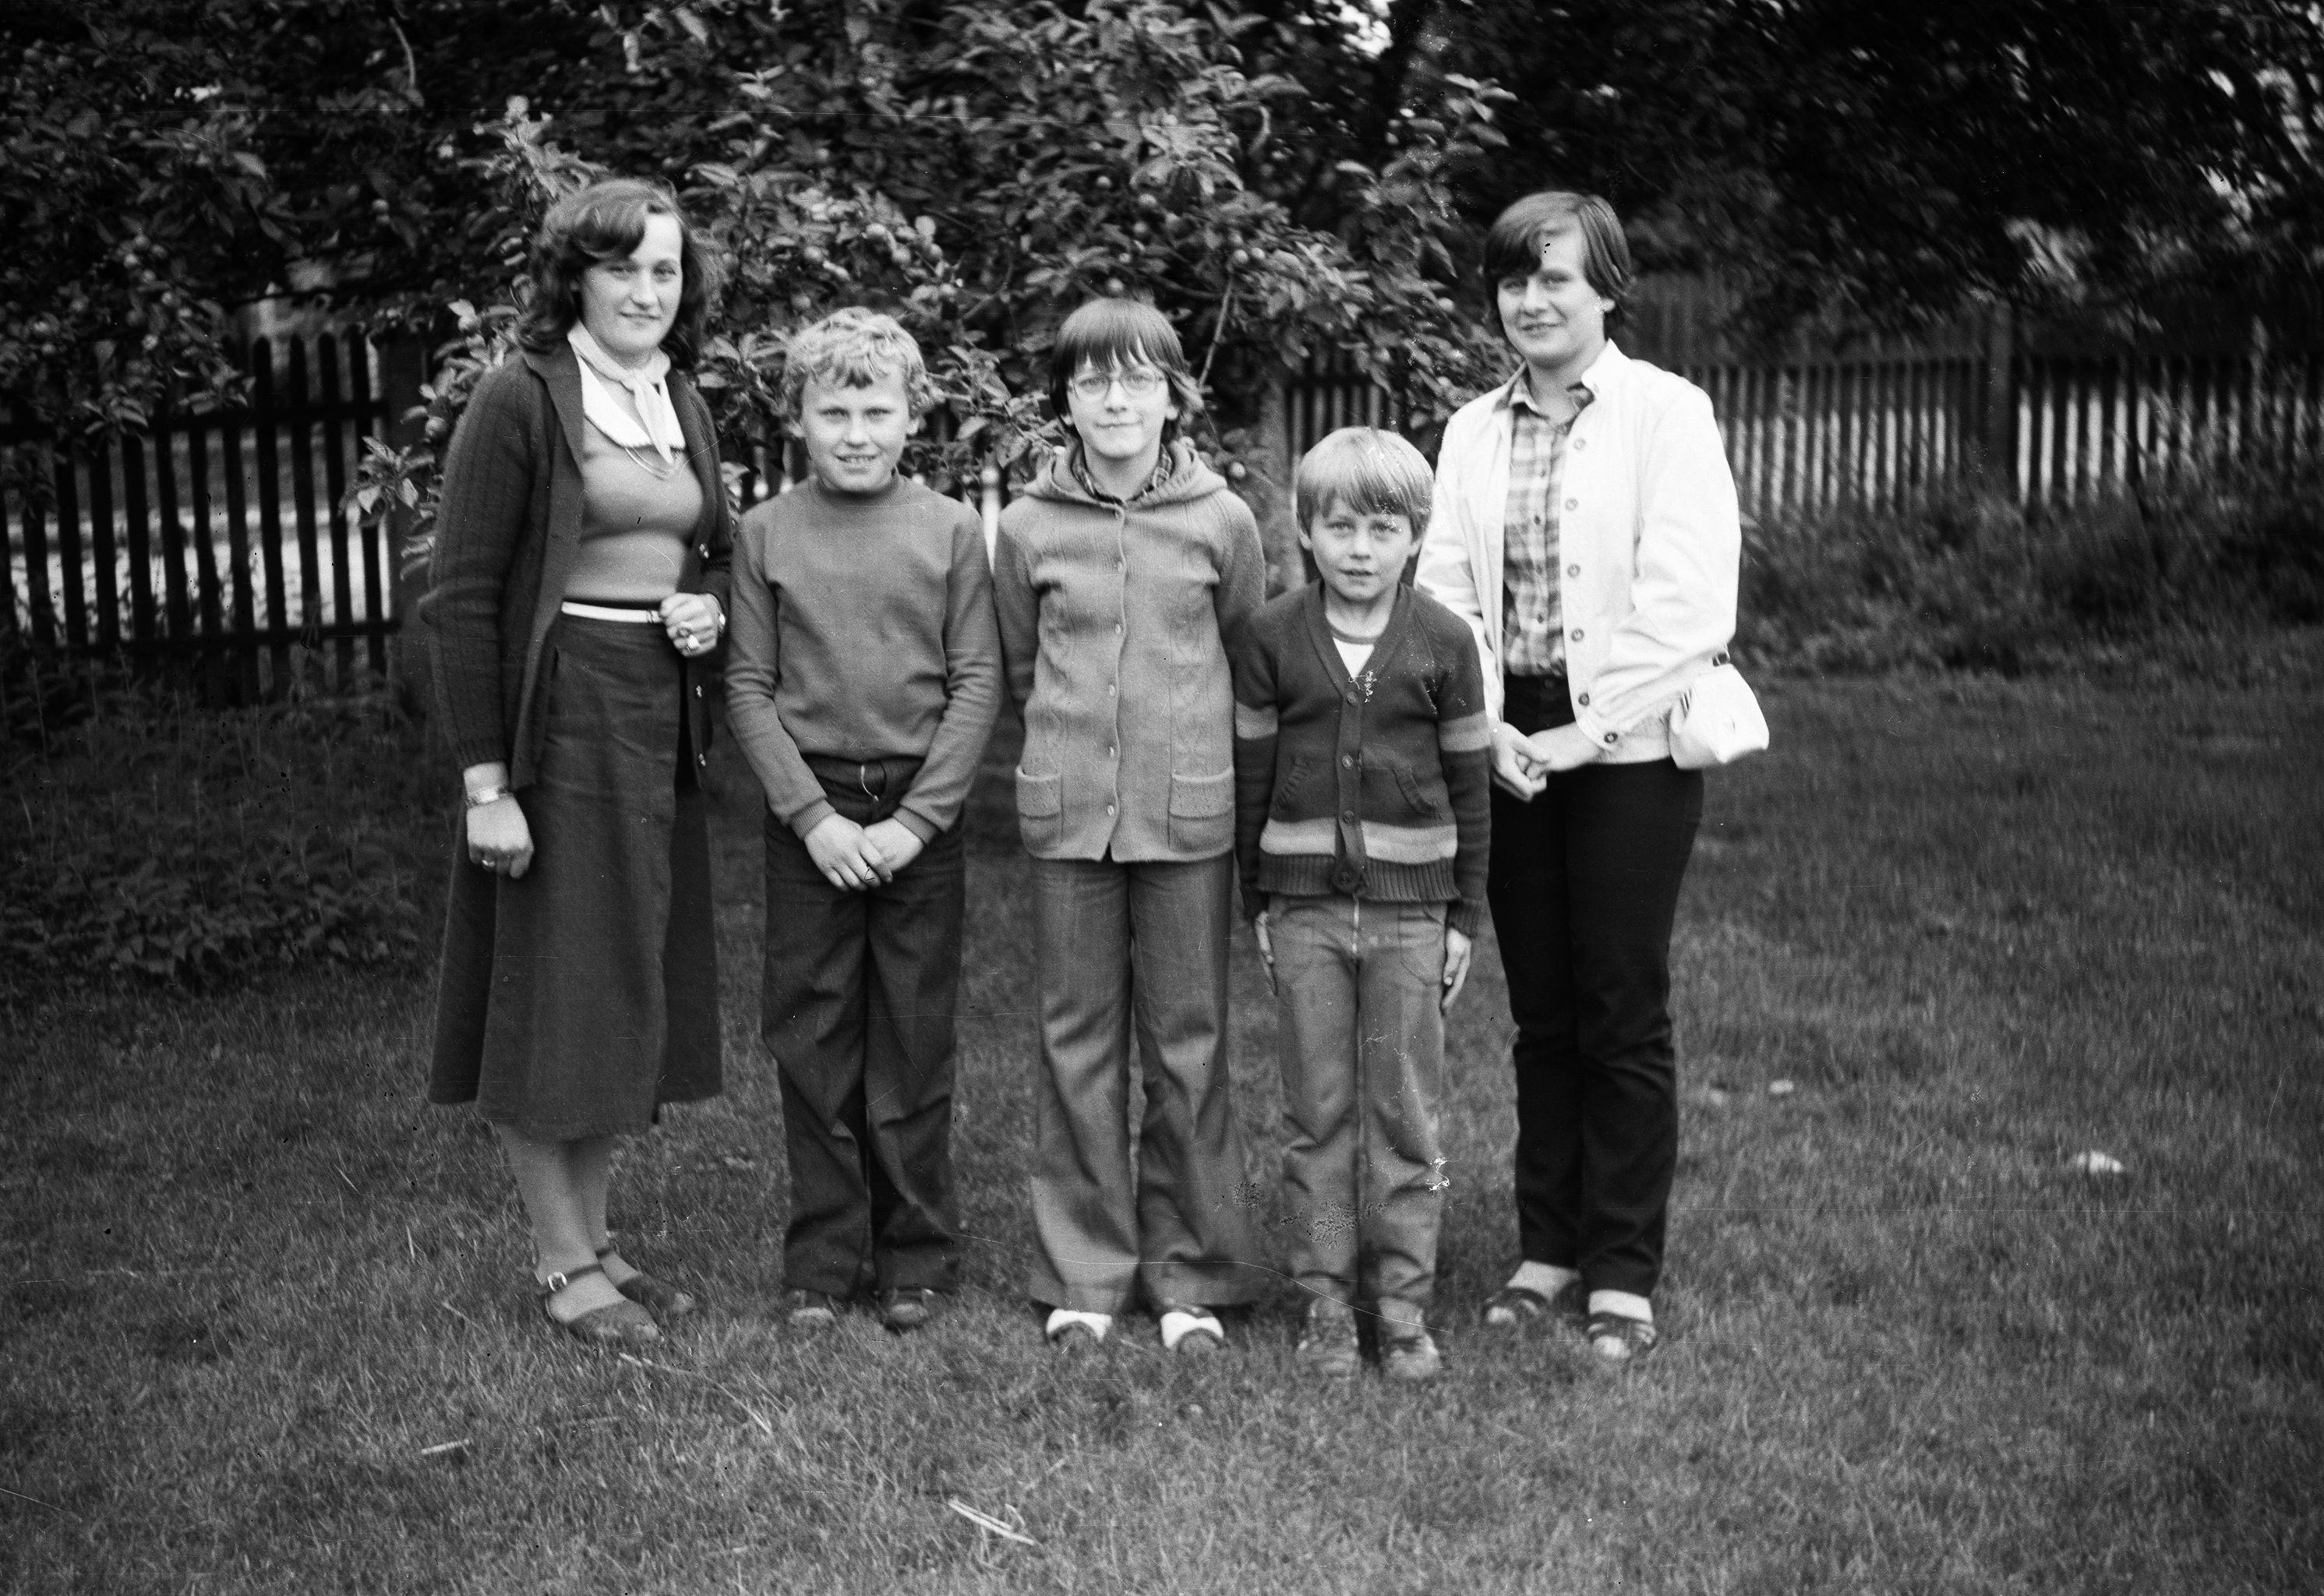 Basia i Zbyszek Kozarowicz, Ania, Karol i Hela Czyżowicz, Brzózka, Dolny Śląsk, lata 80. XX w.